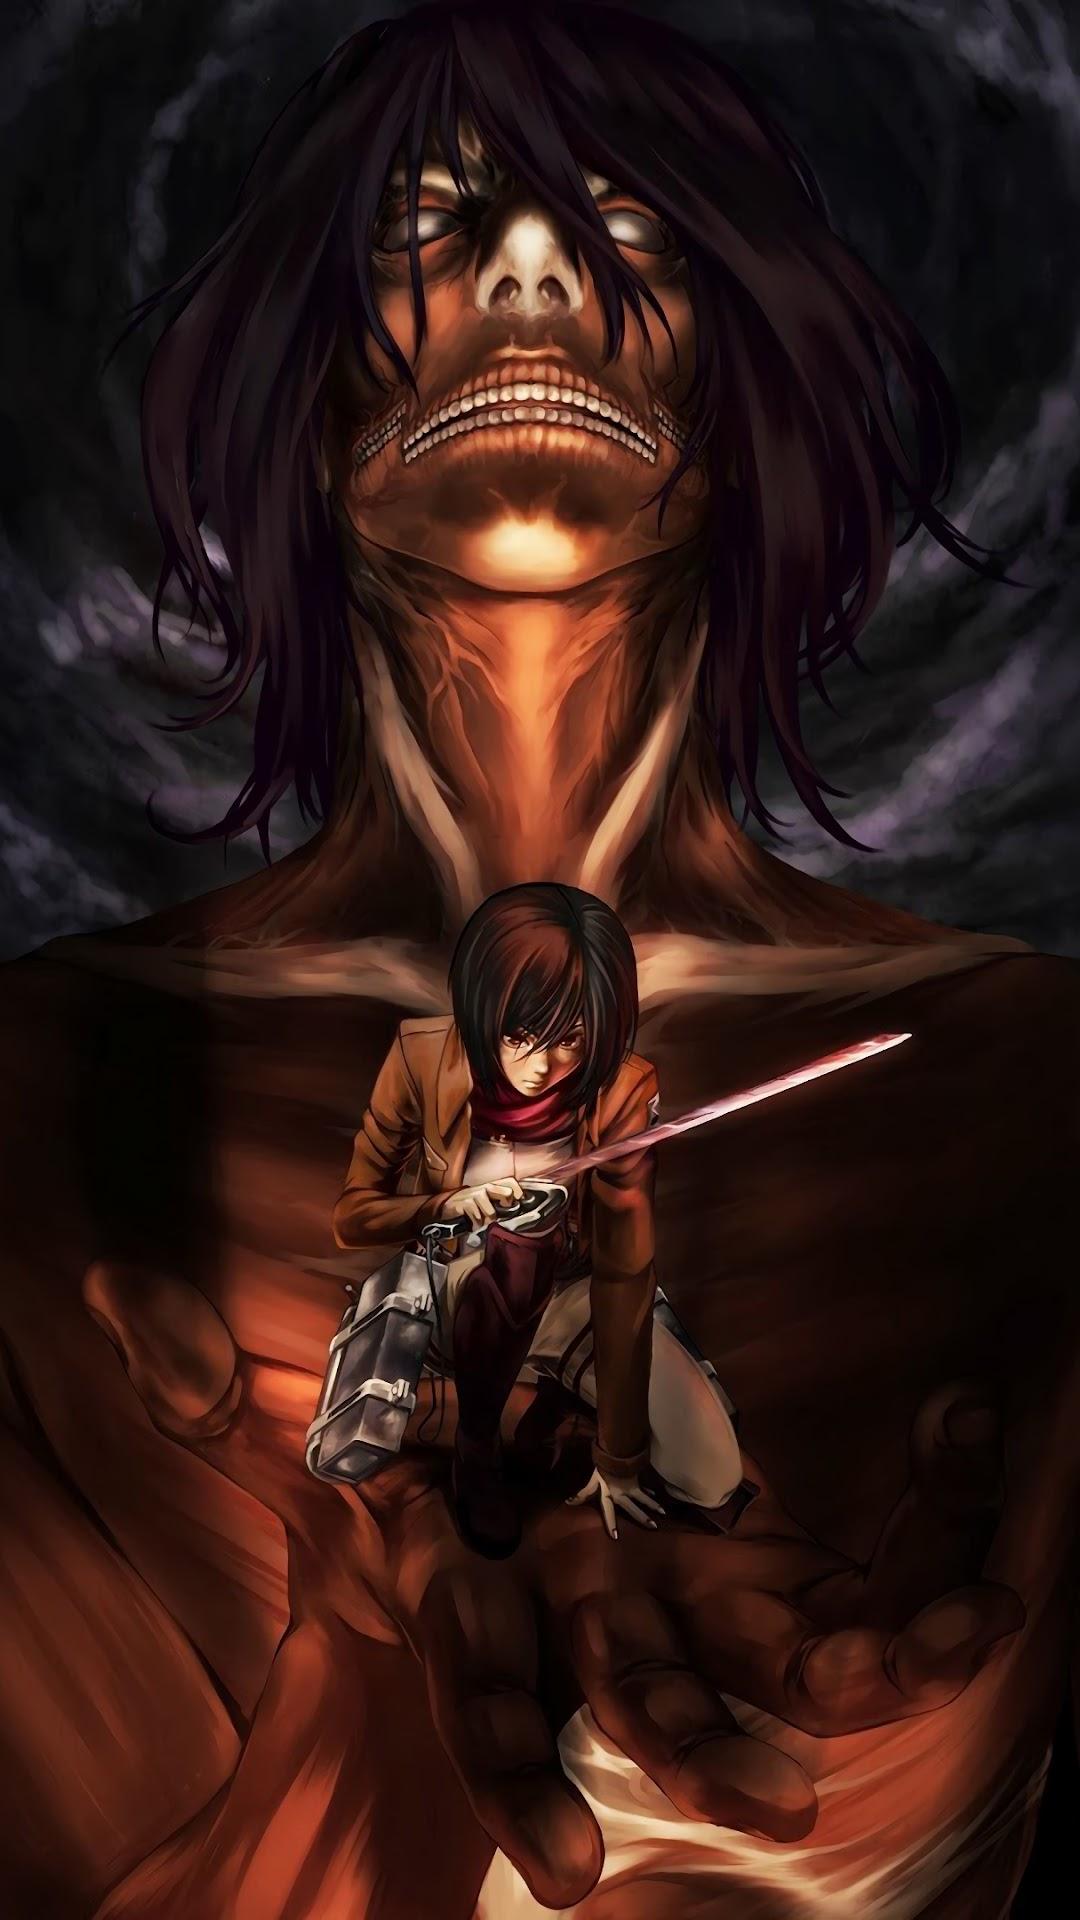 Mikasa Attack Titan Attack On Titan 4k Wallpaper 154